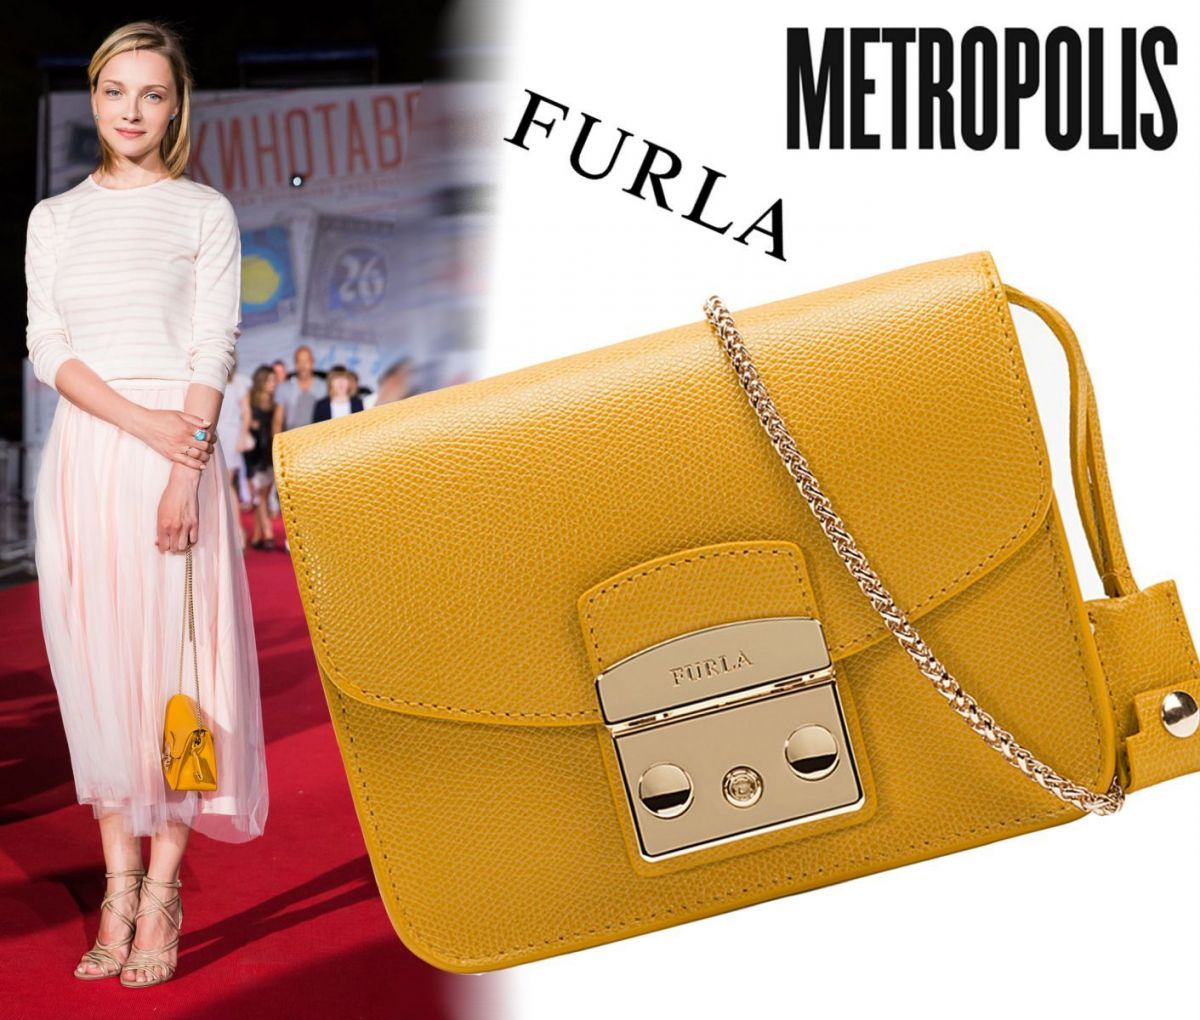 9c61761a5661 Сумка мечты: FURLA Metropolis | Мода | i-gency.ru